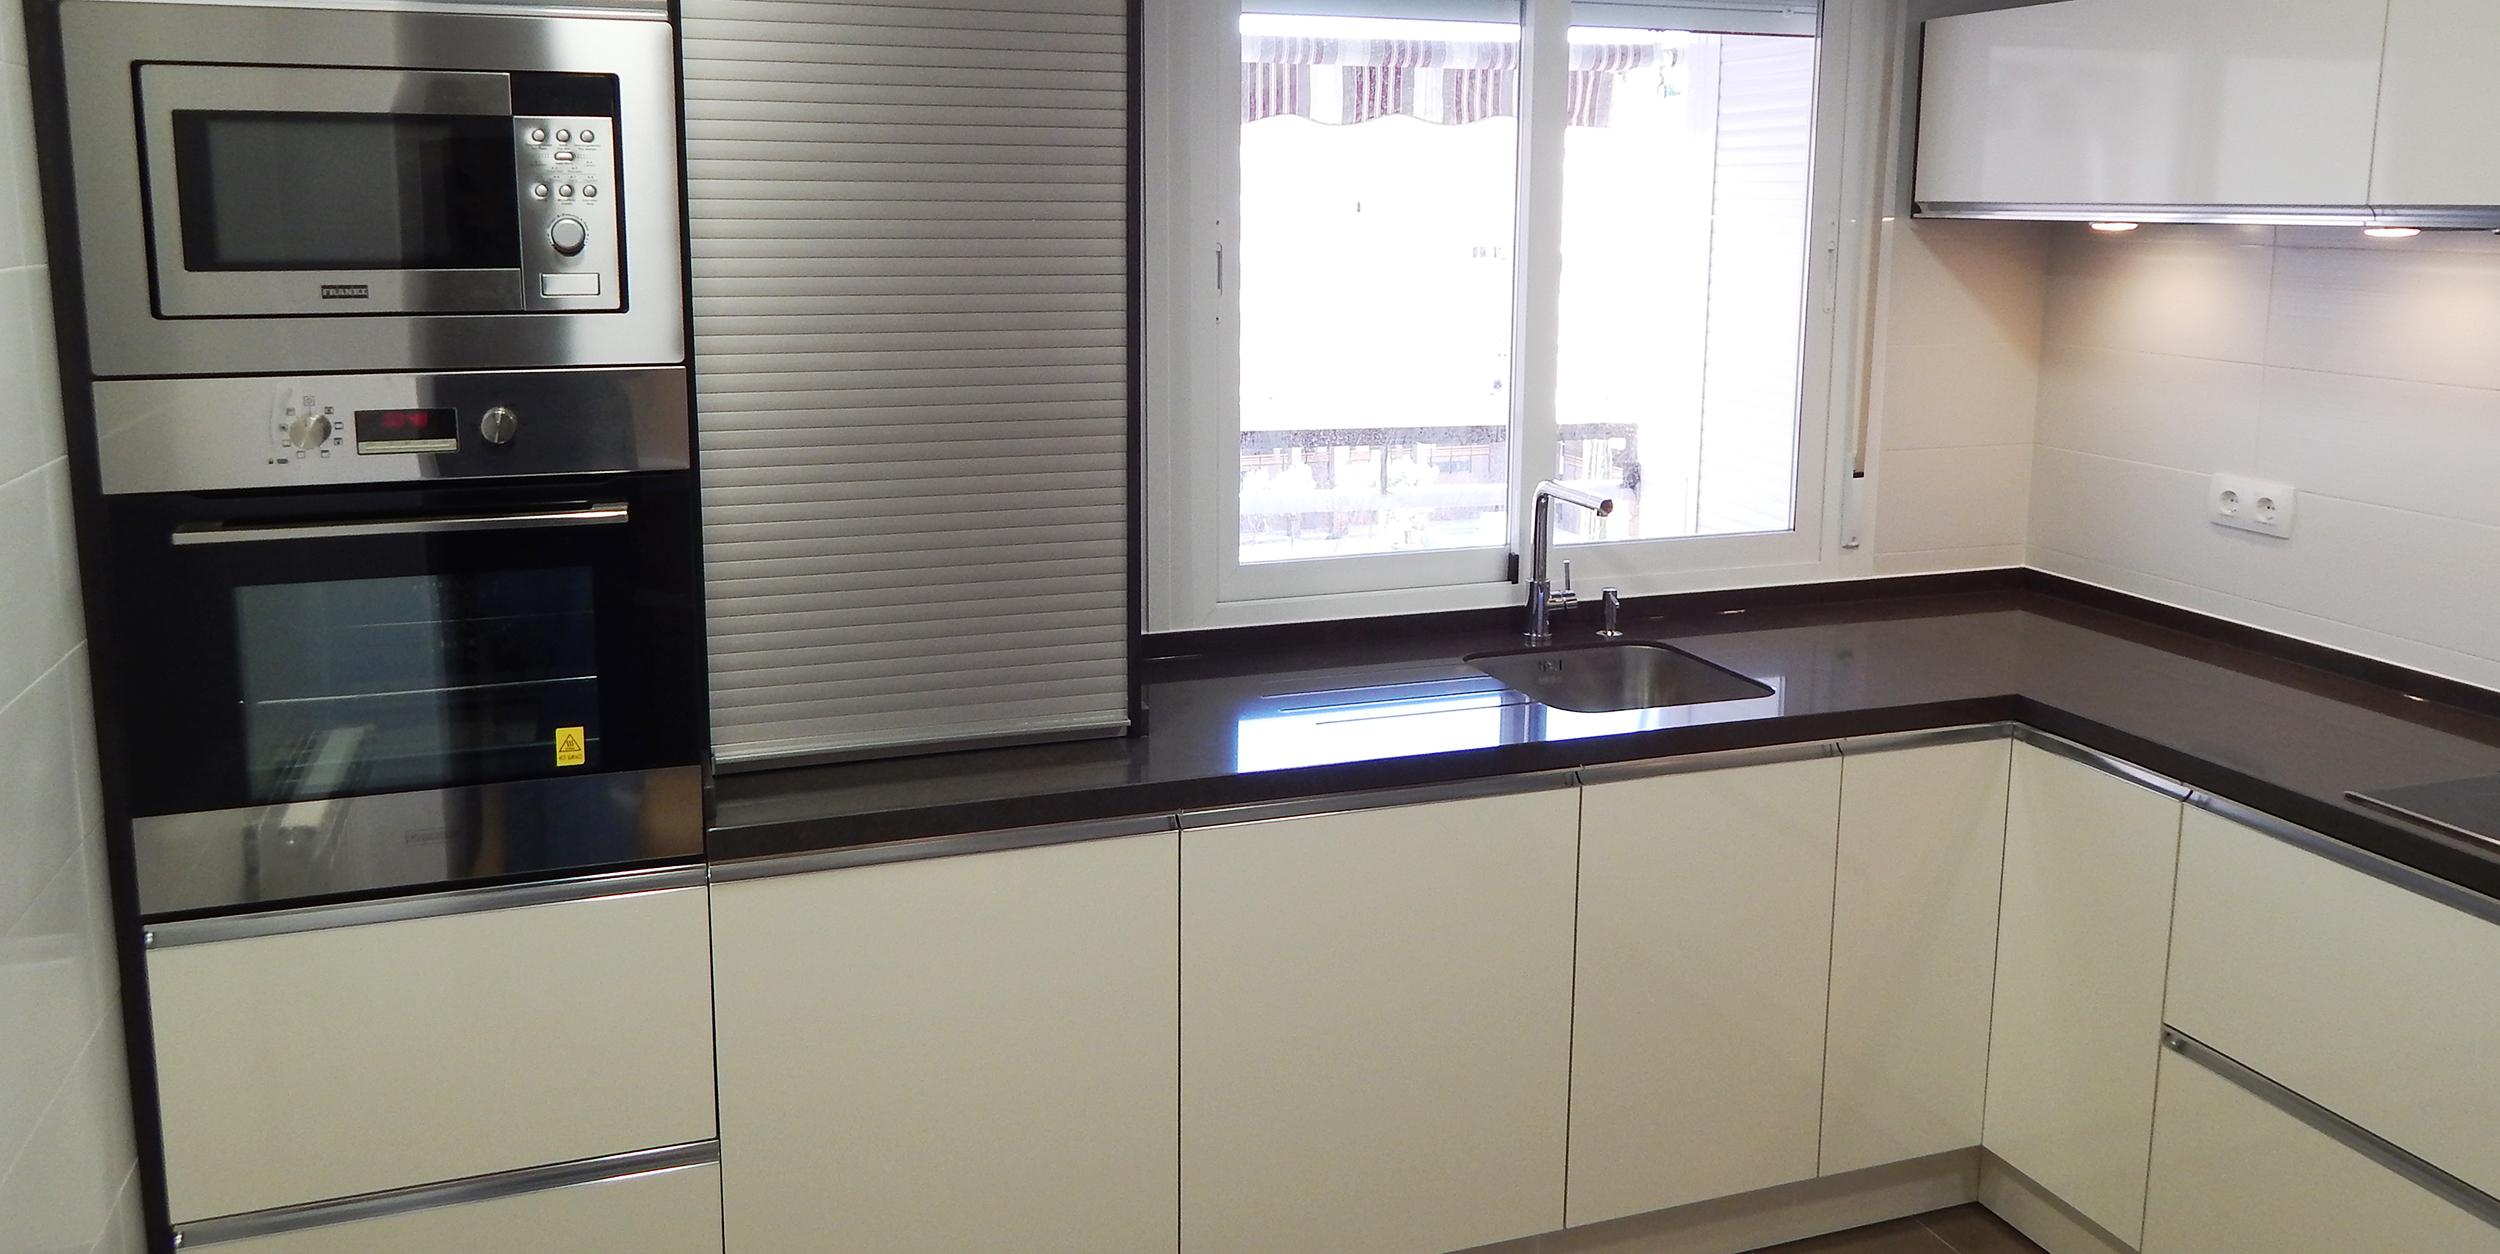 Muebles de cocina neo magnolia for Muebles de cocina forlady